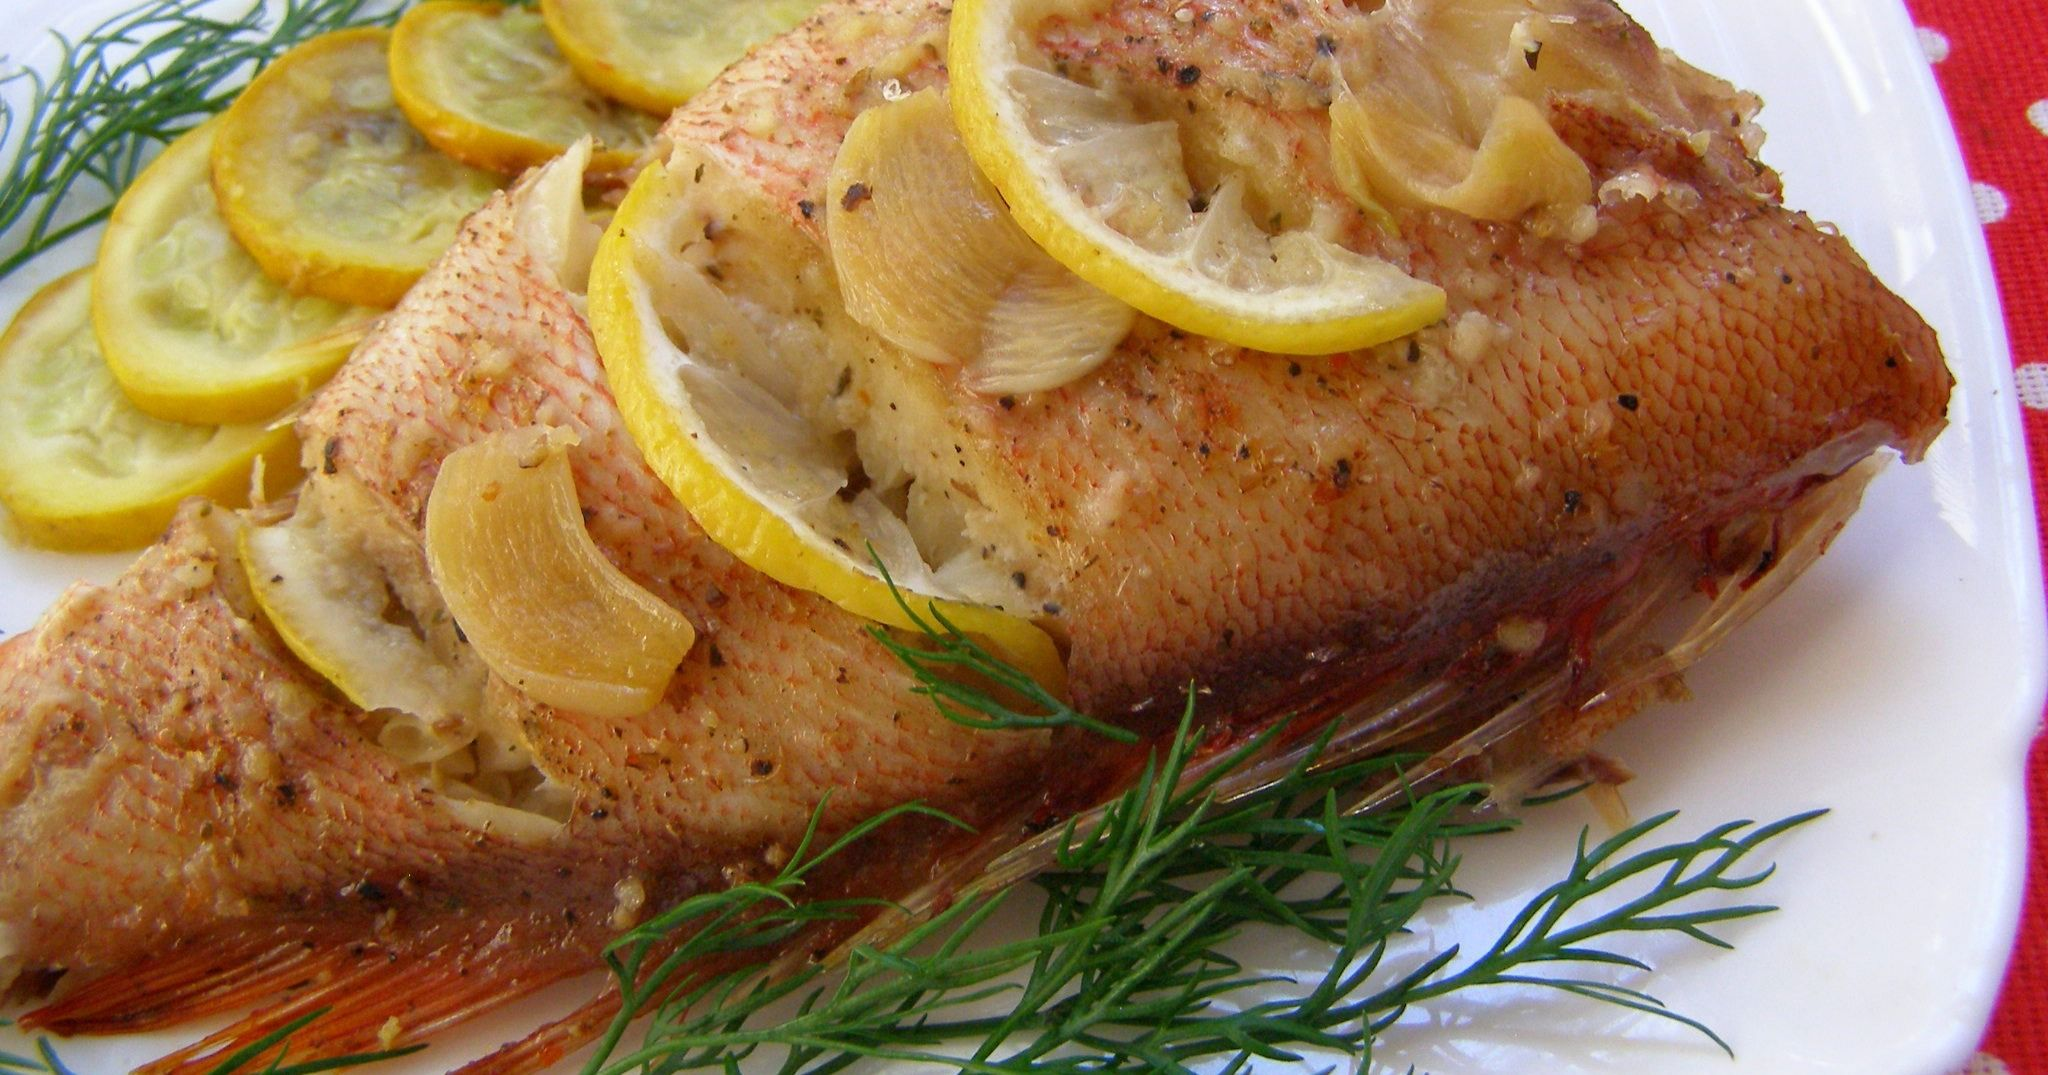 еда из рыбы в мультиварке рецепты стилистических изменений, карбоновым